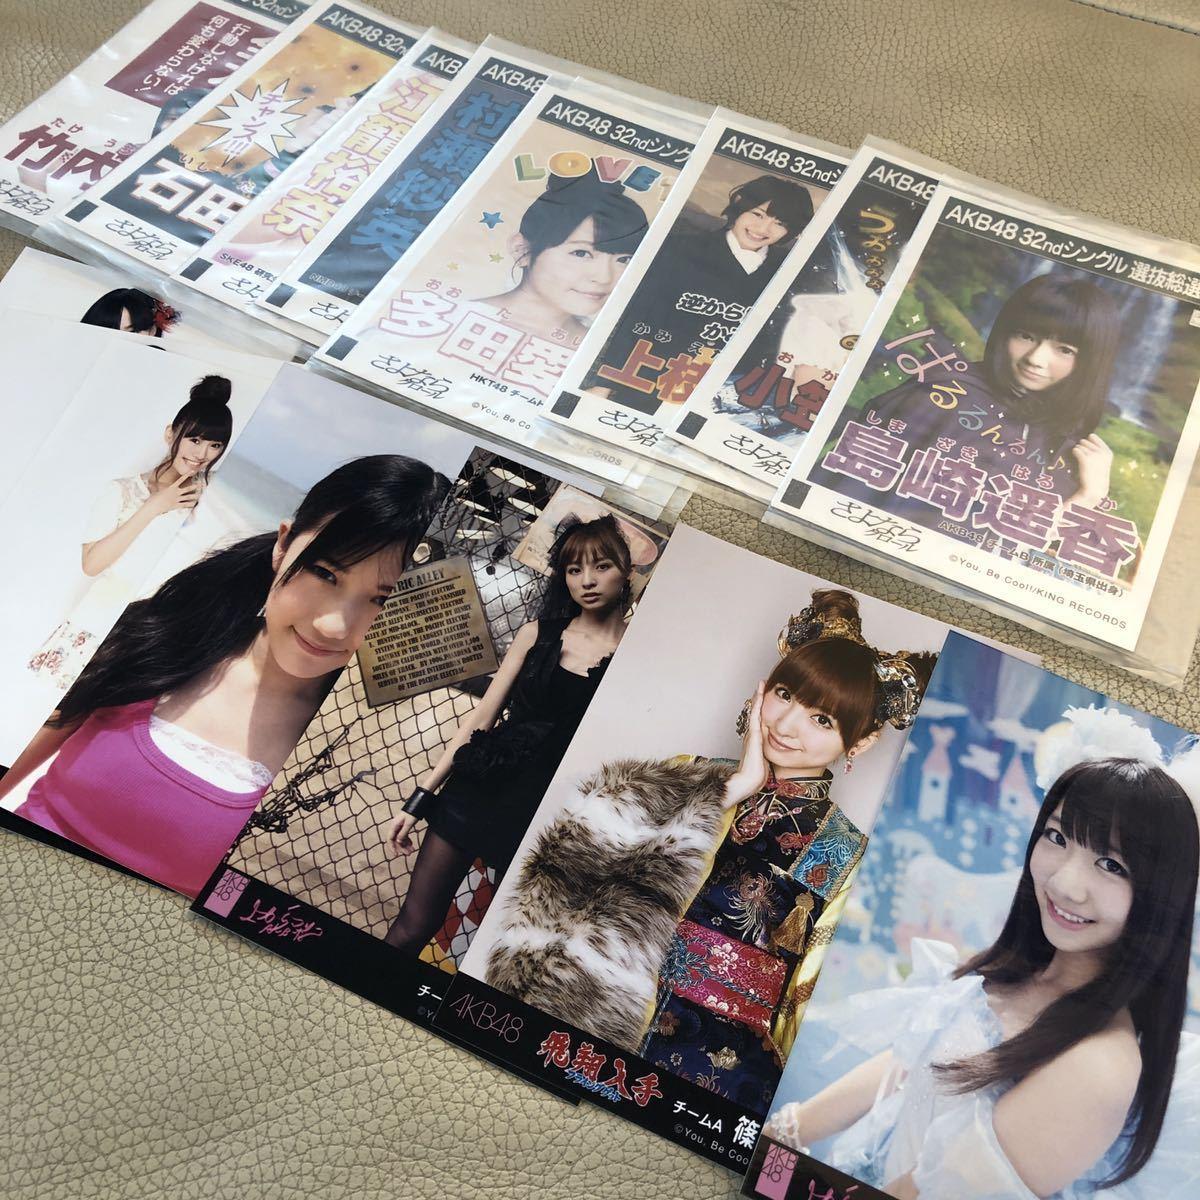 卒業限定値下!超希少!会いたかった 復刻版コンプ大量 BLT 大声ダイヤモンド/水着/他/初期/レア/生写真まとめ/峯岸みなみ/AKB48 2006 2010_画像5